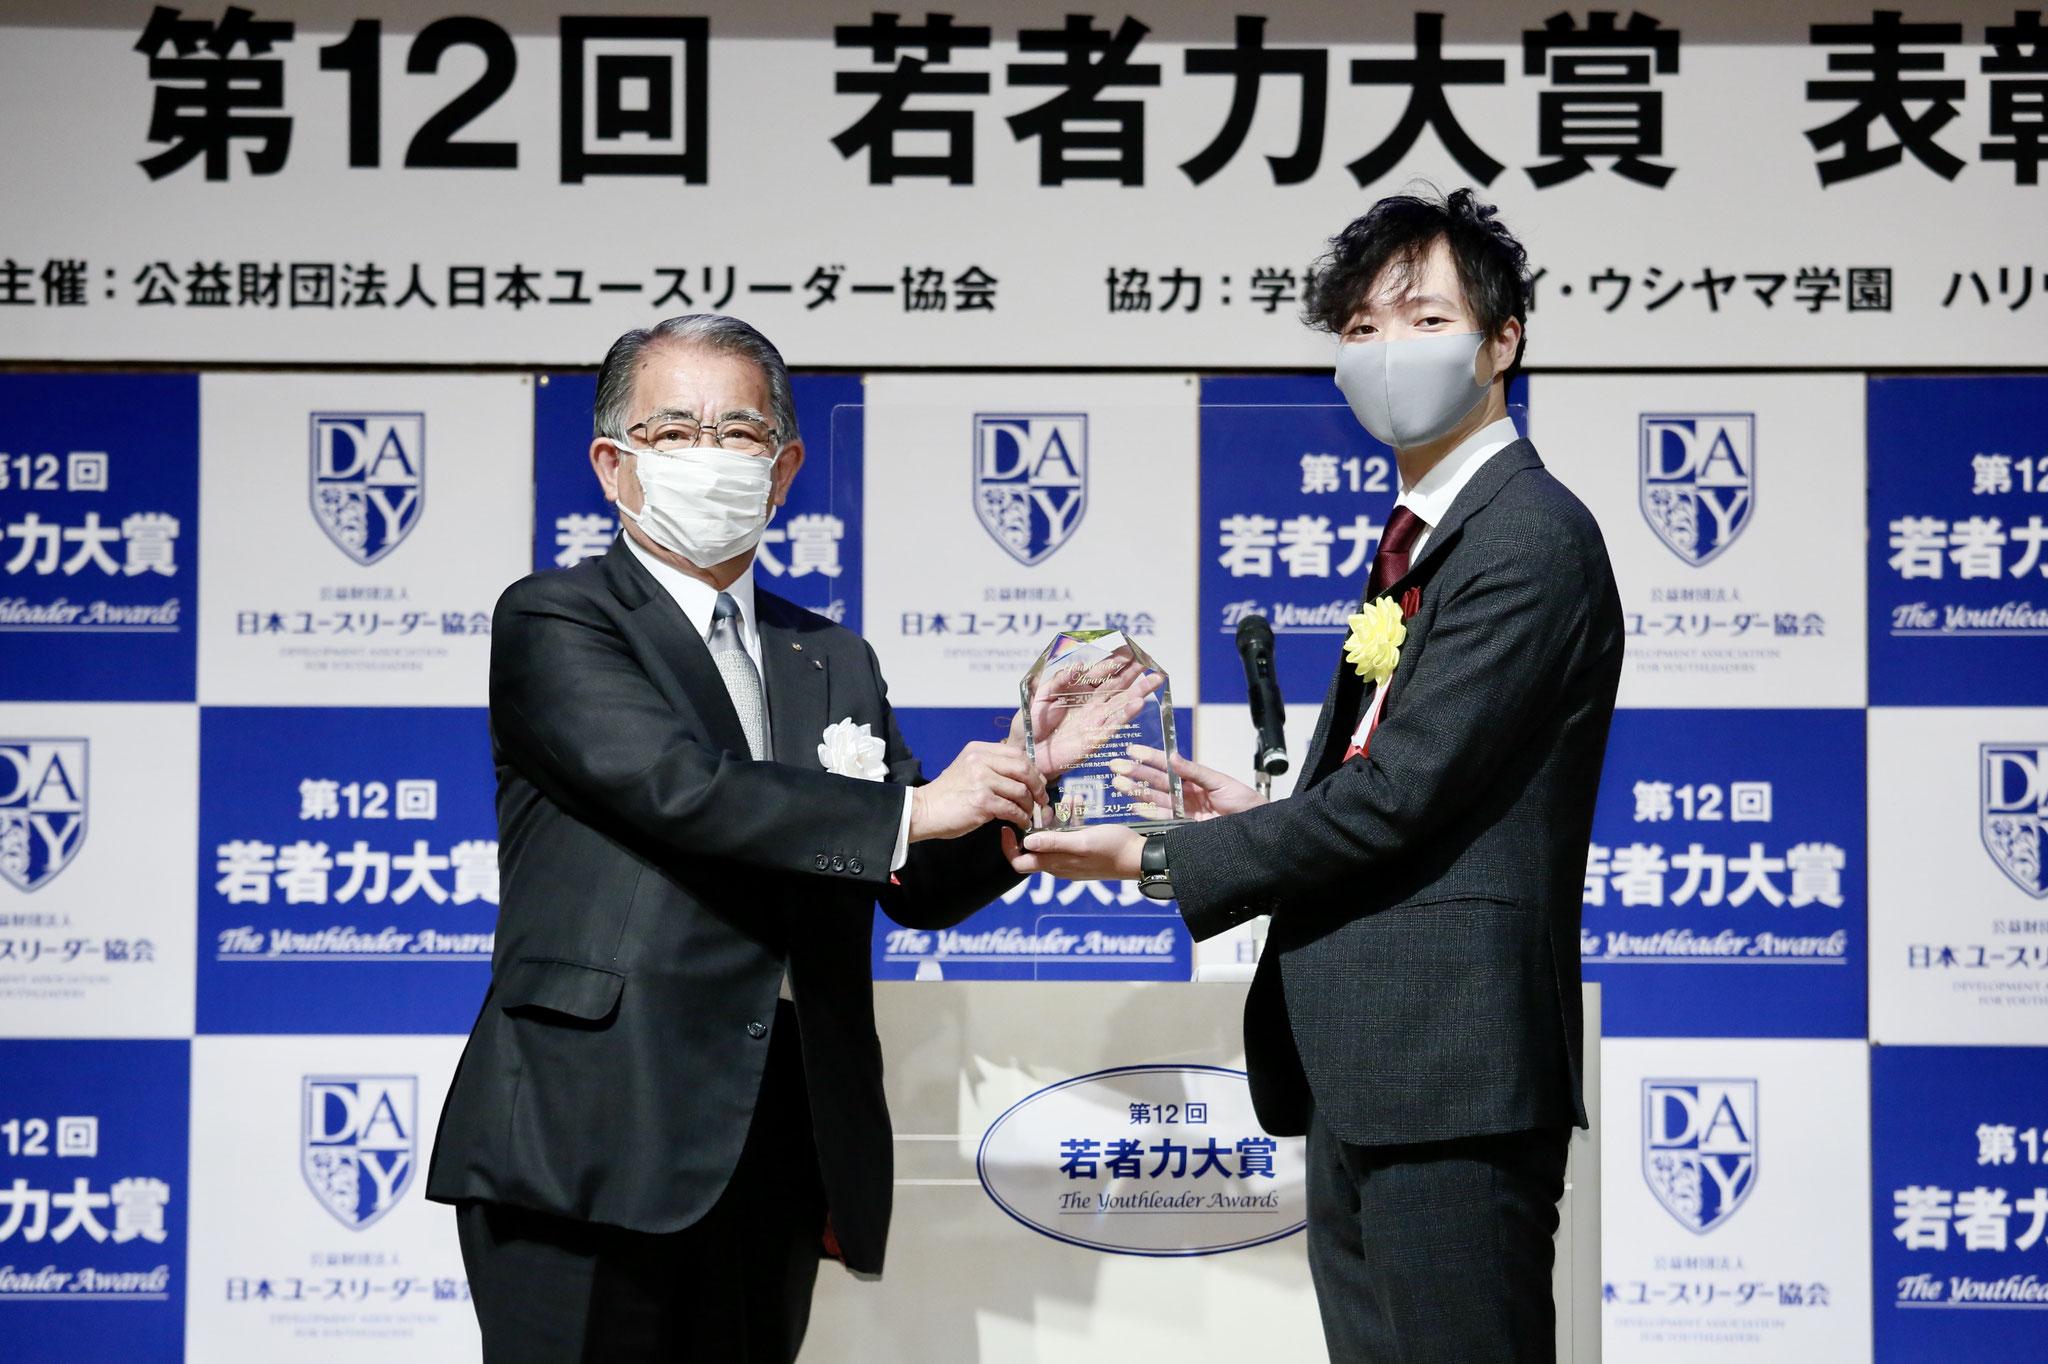 左:中村審査委員 右:ユースリーダー賞受賞 山崎聡一郎さん